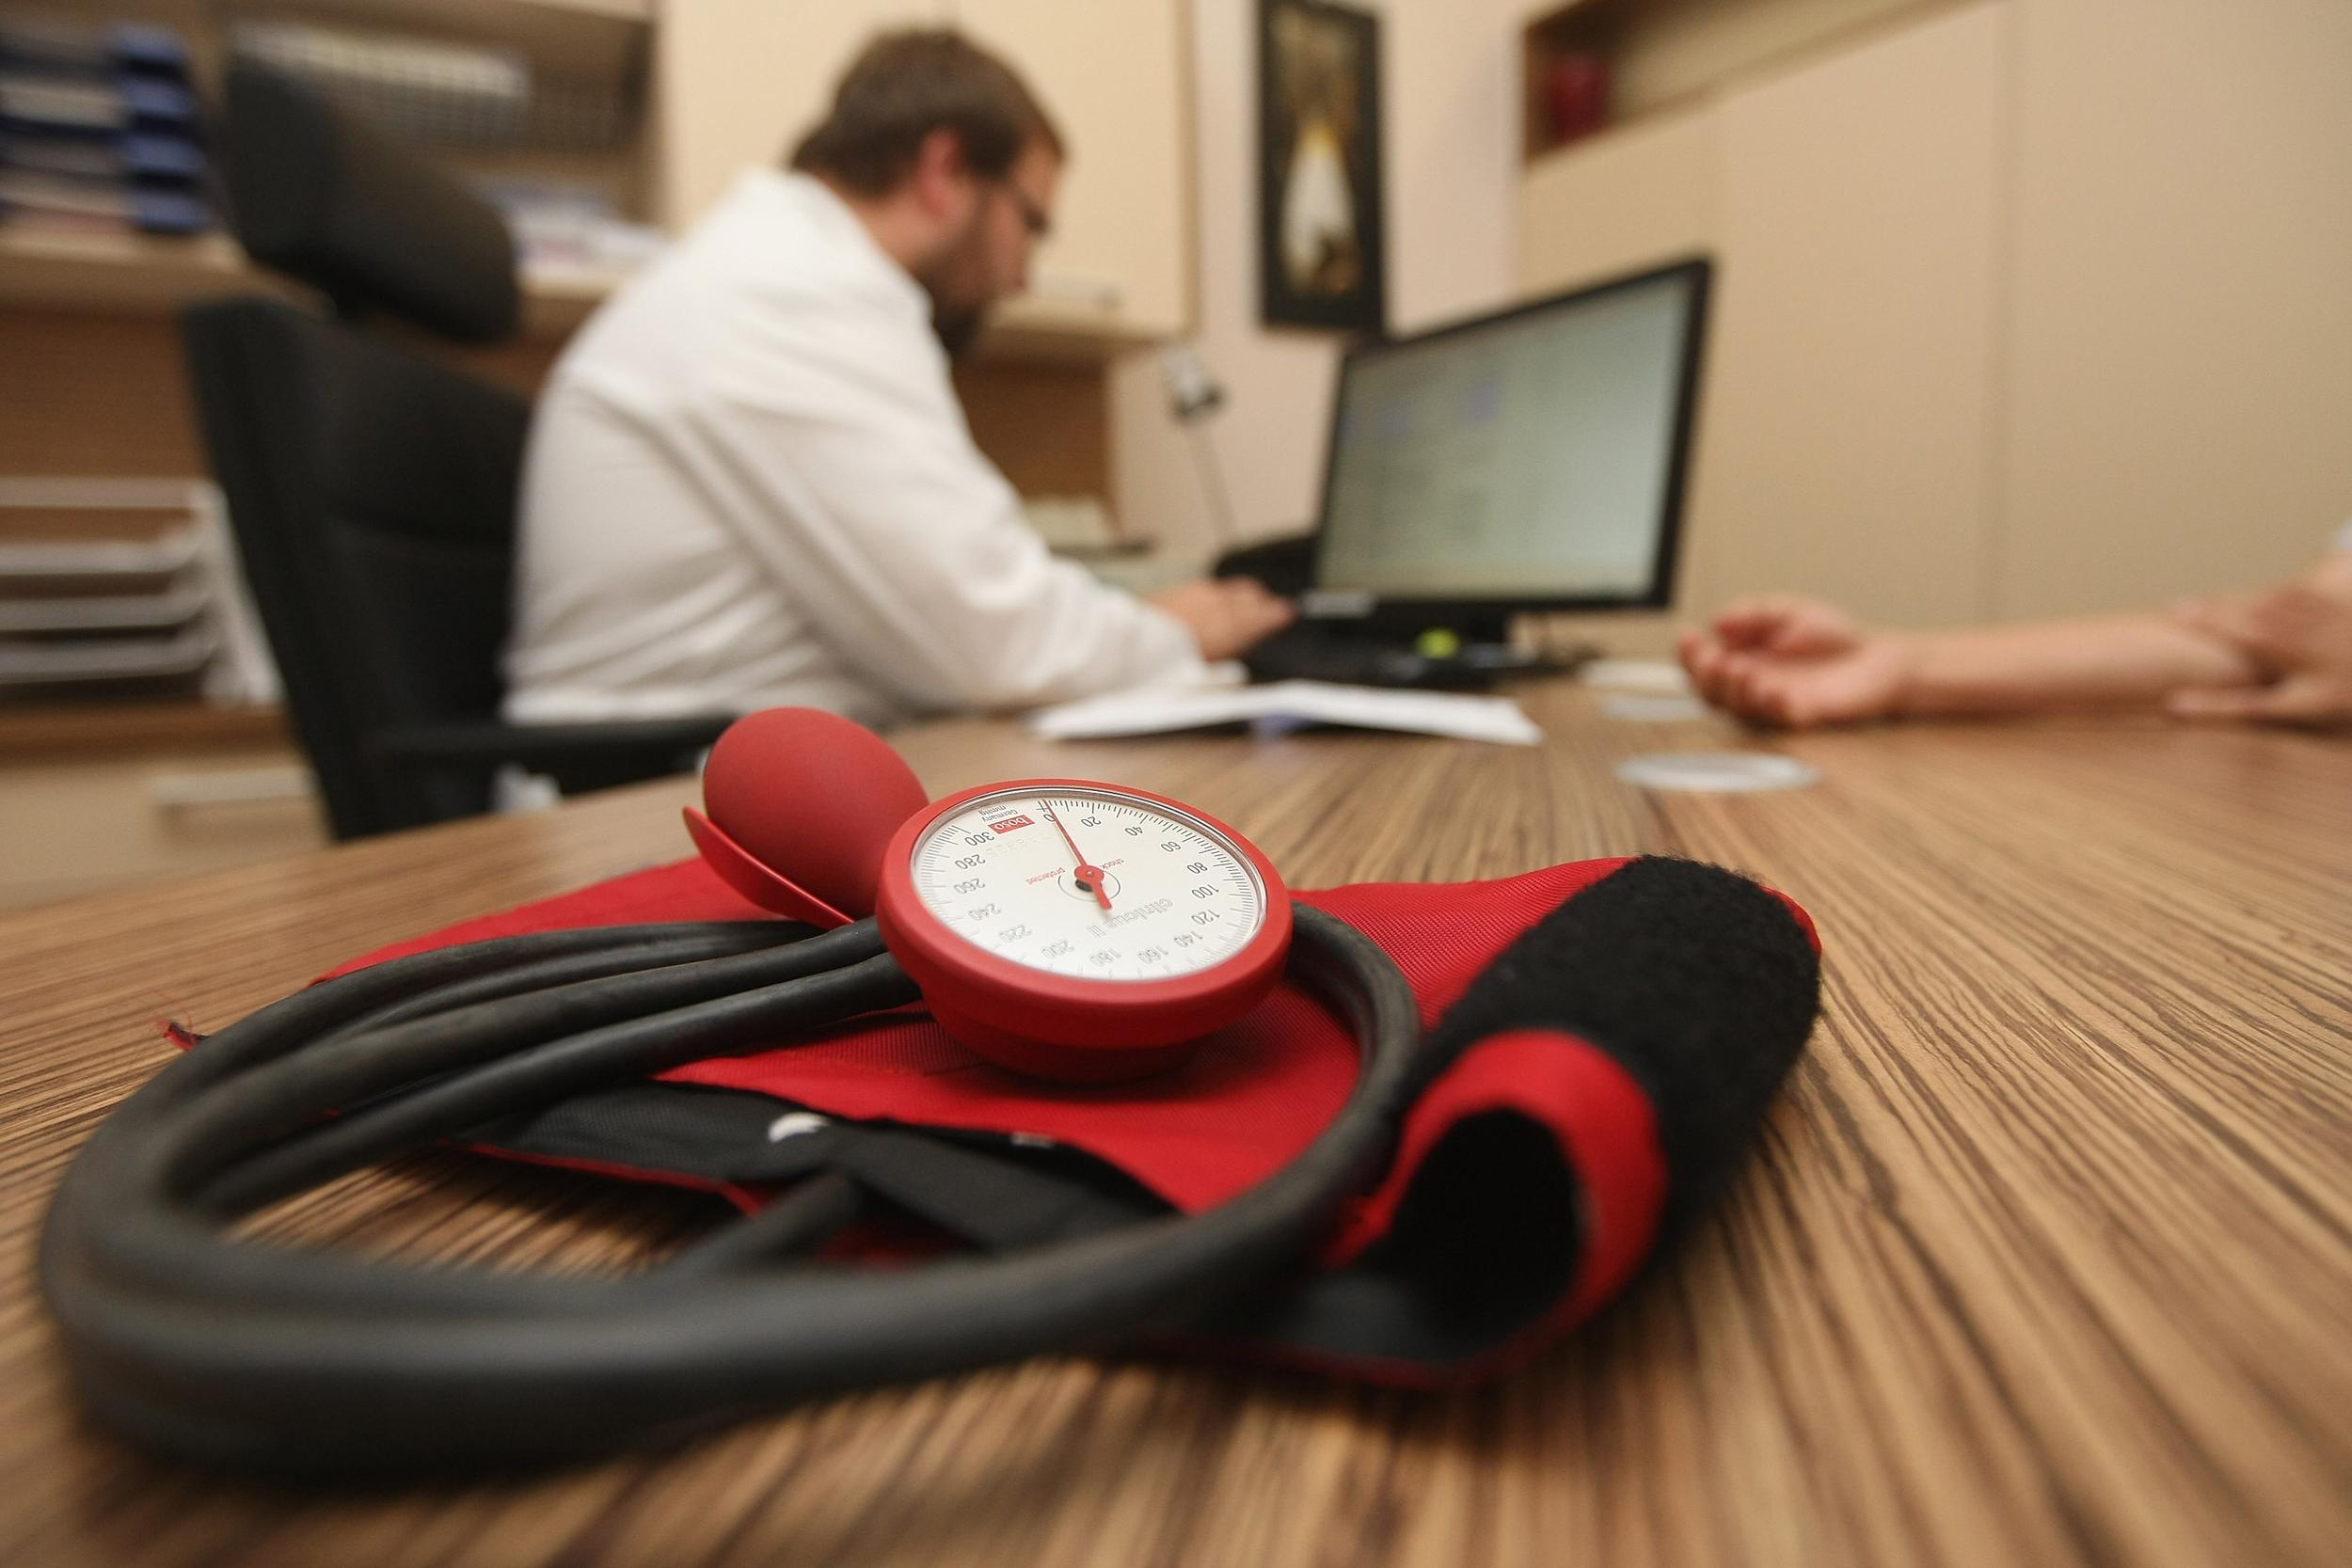 Image: Doctors Seek Higher Fees From Health Insurers